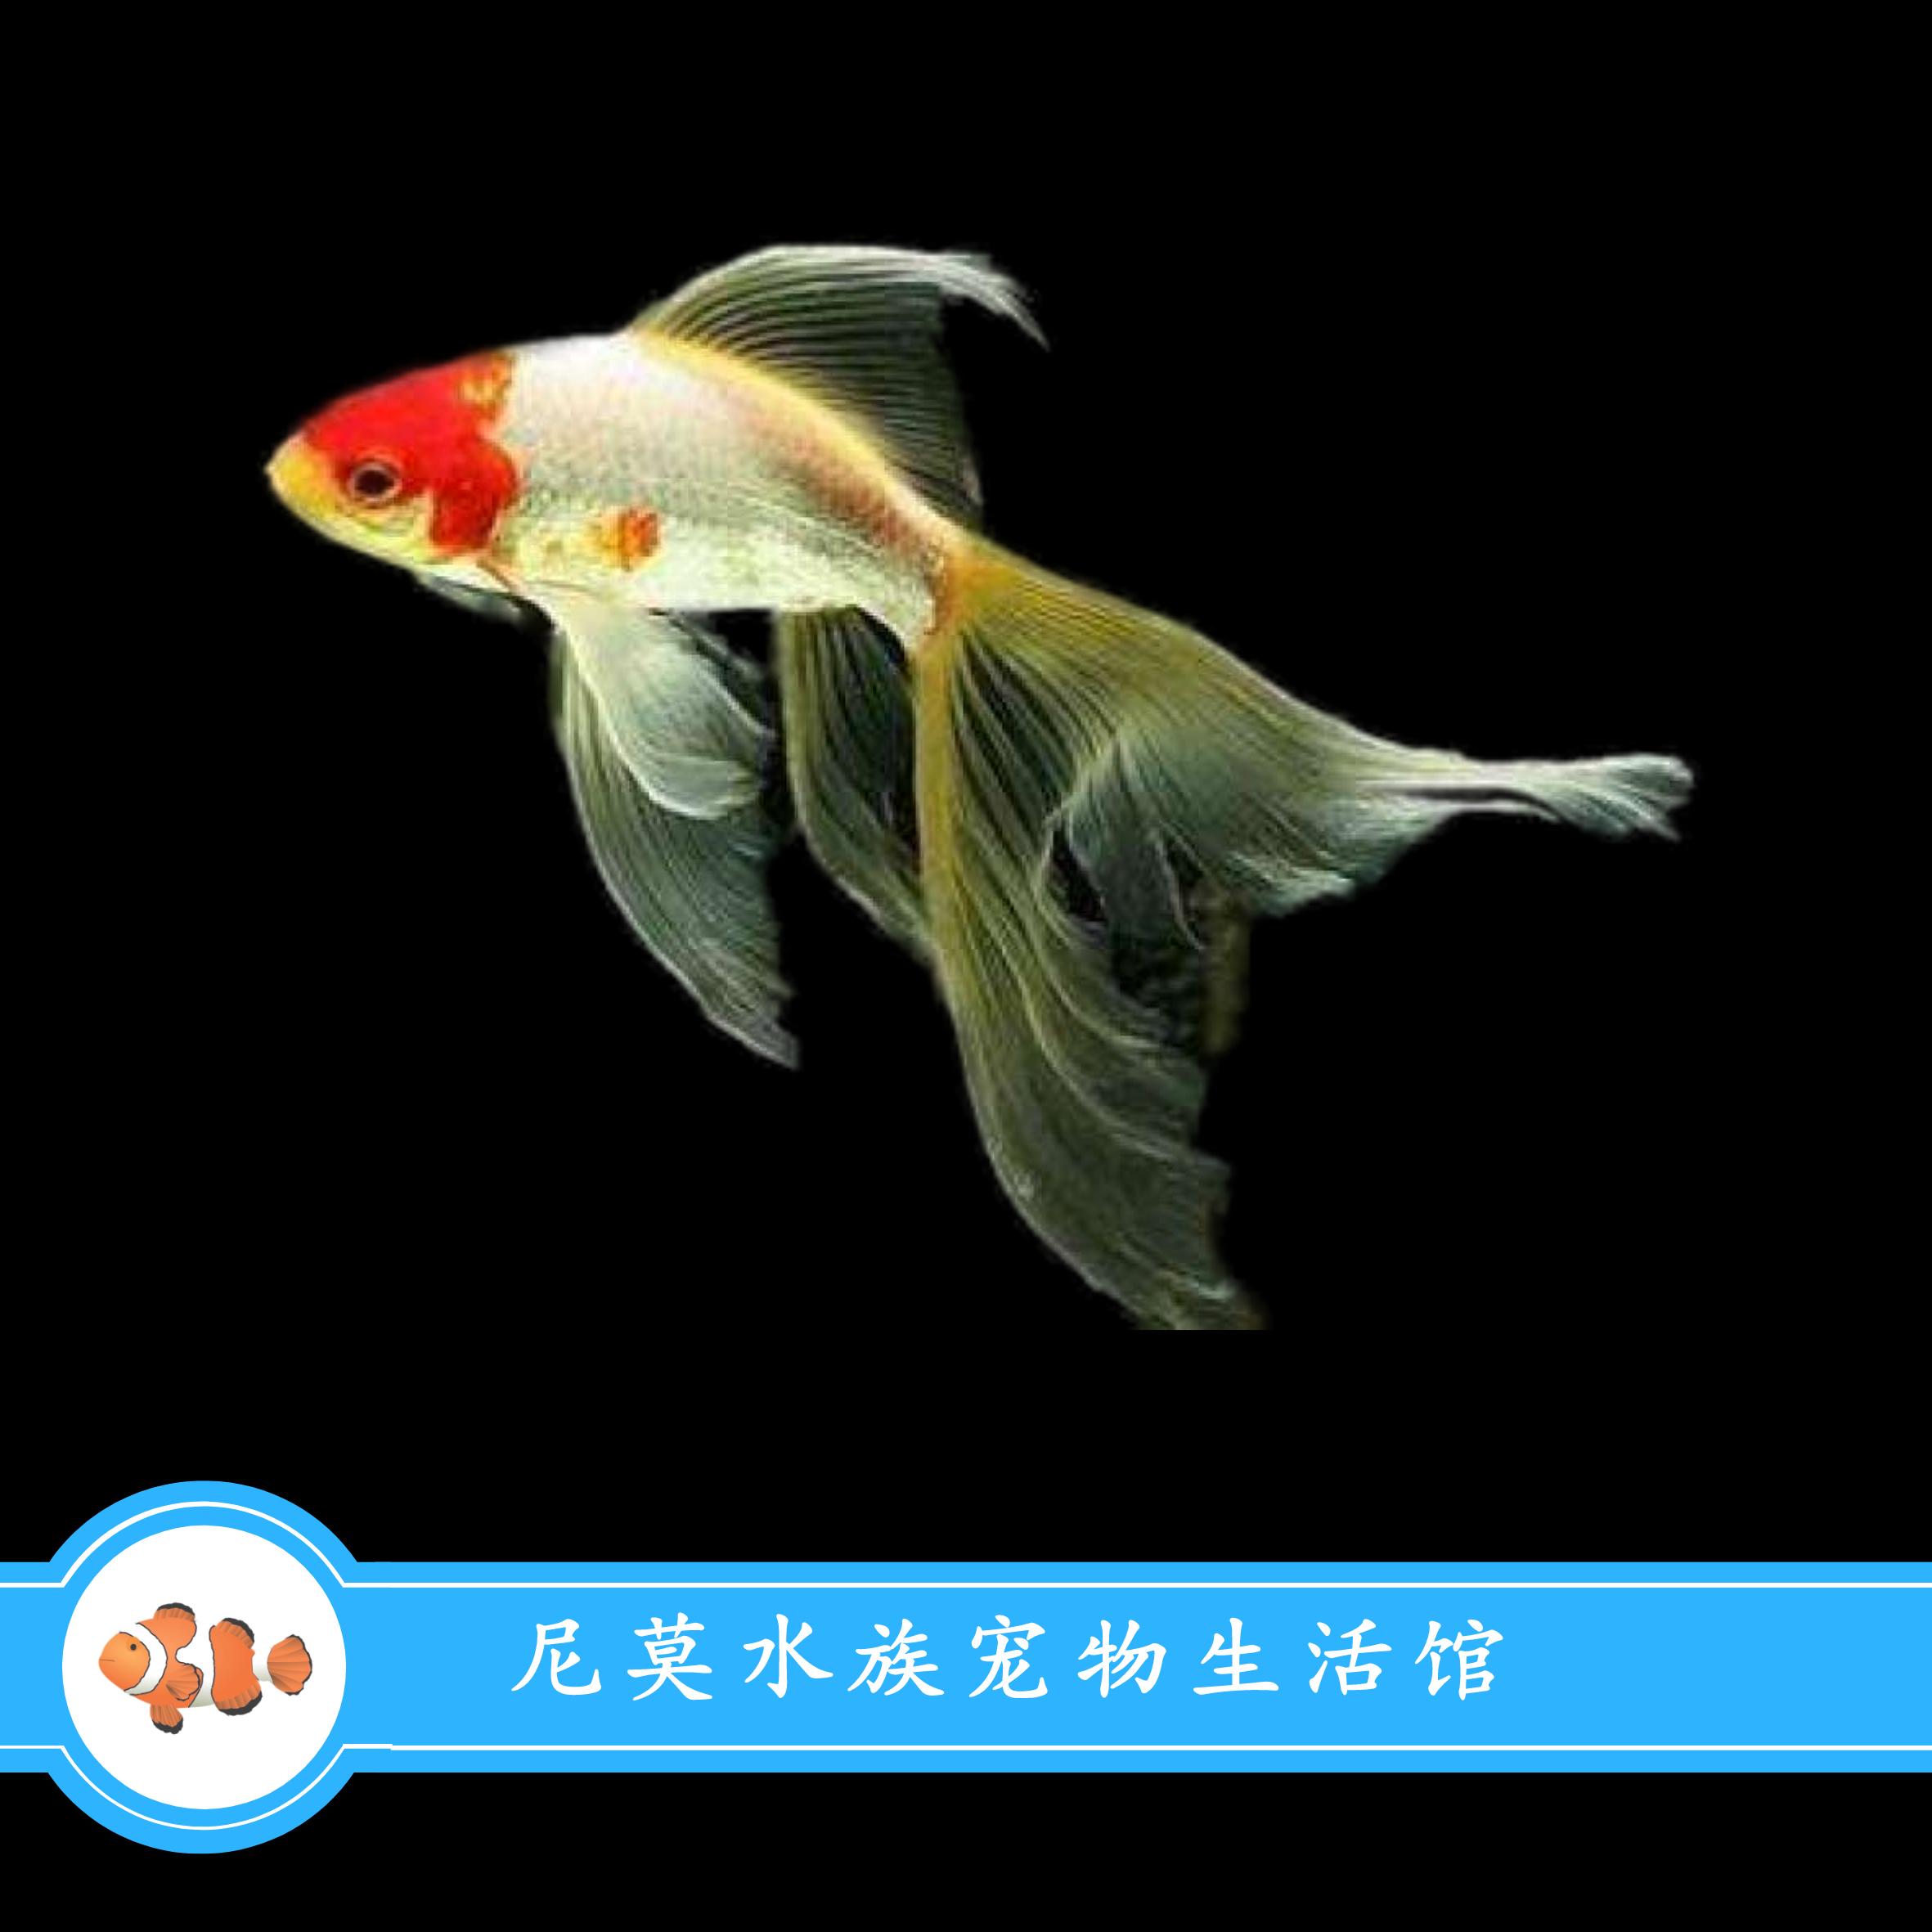 金鱼活体观赏鱼小金鱼草金鱼冷水鱼好养易活懒人鱼淡水鱼